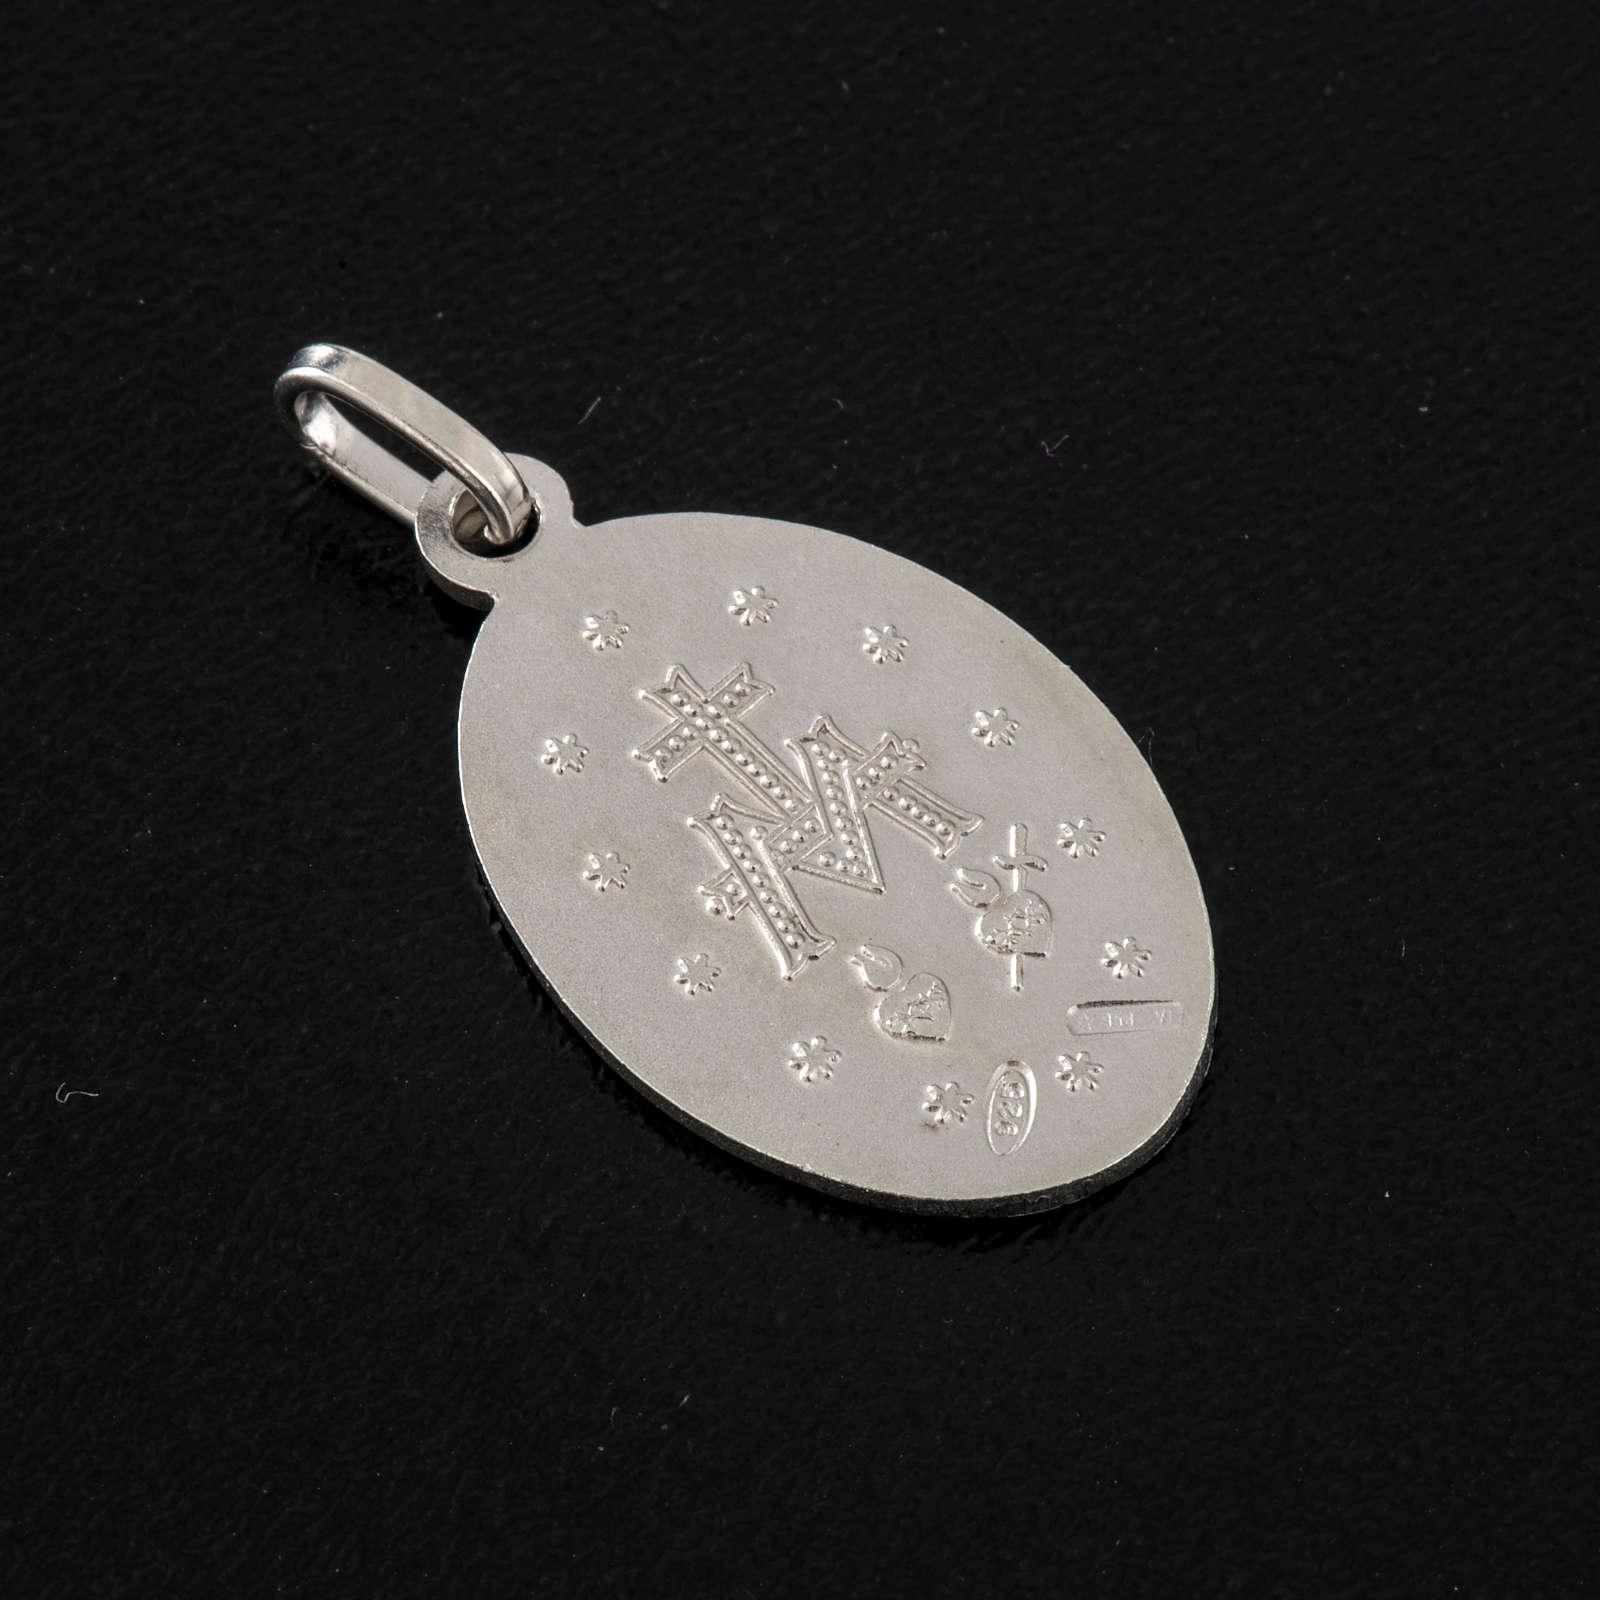 Cudowny Medalik srebro 925 4